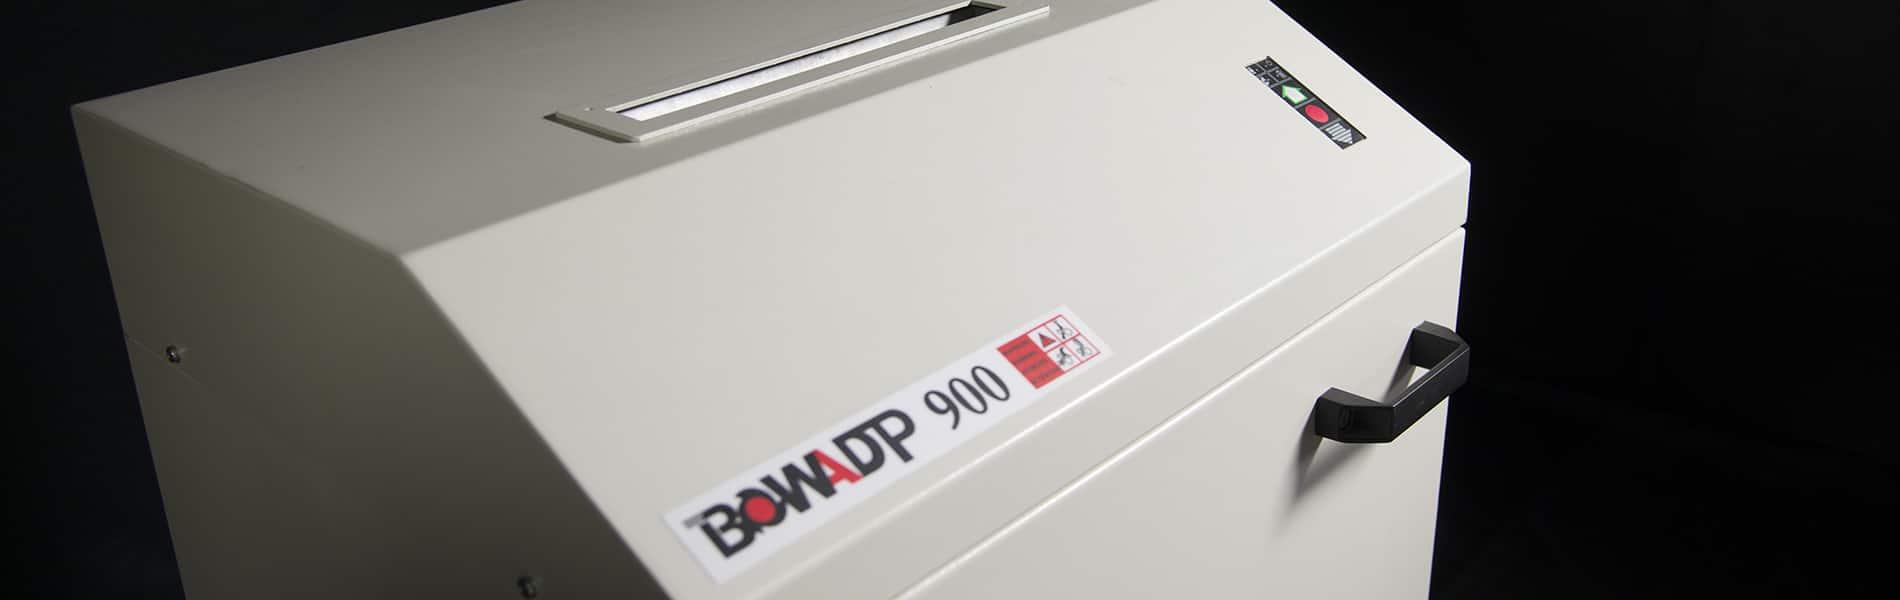 Depei BOWADP 900-3